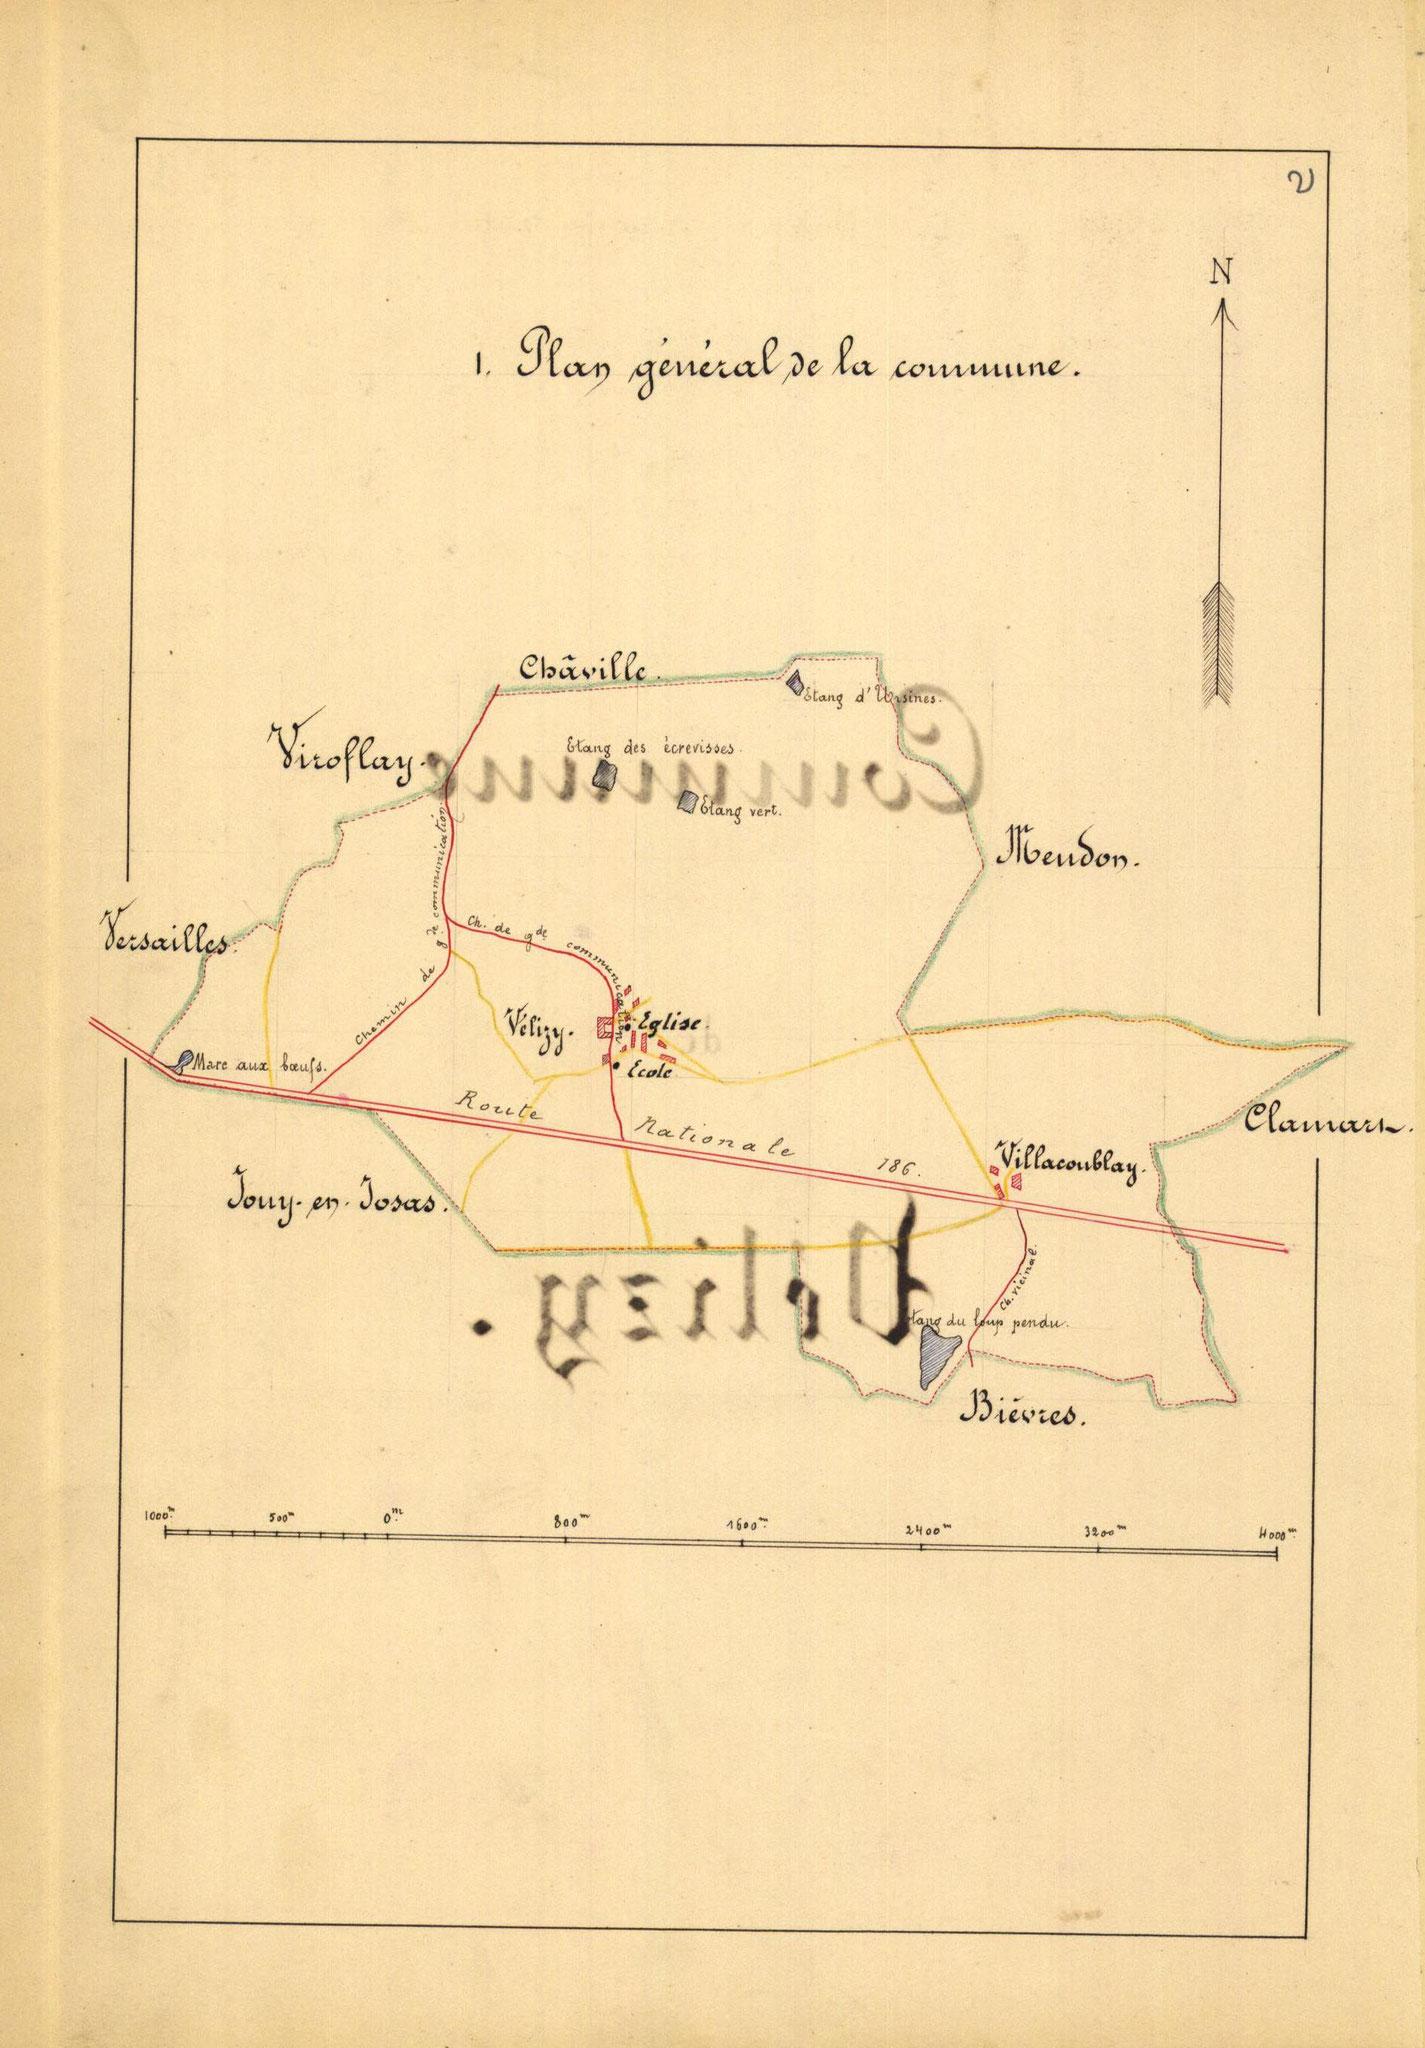 Page 2 - Monographie communale de l'instituteur de Vélizy, 1899